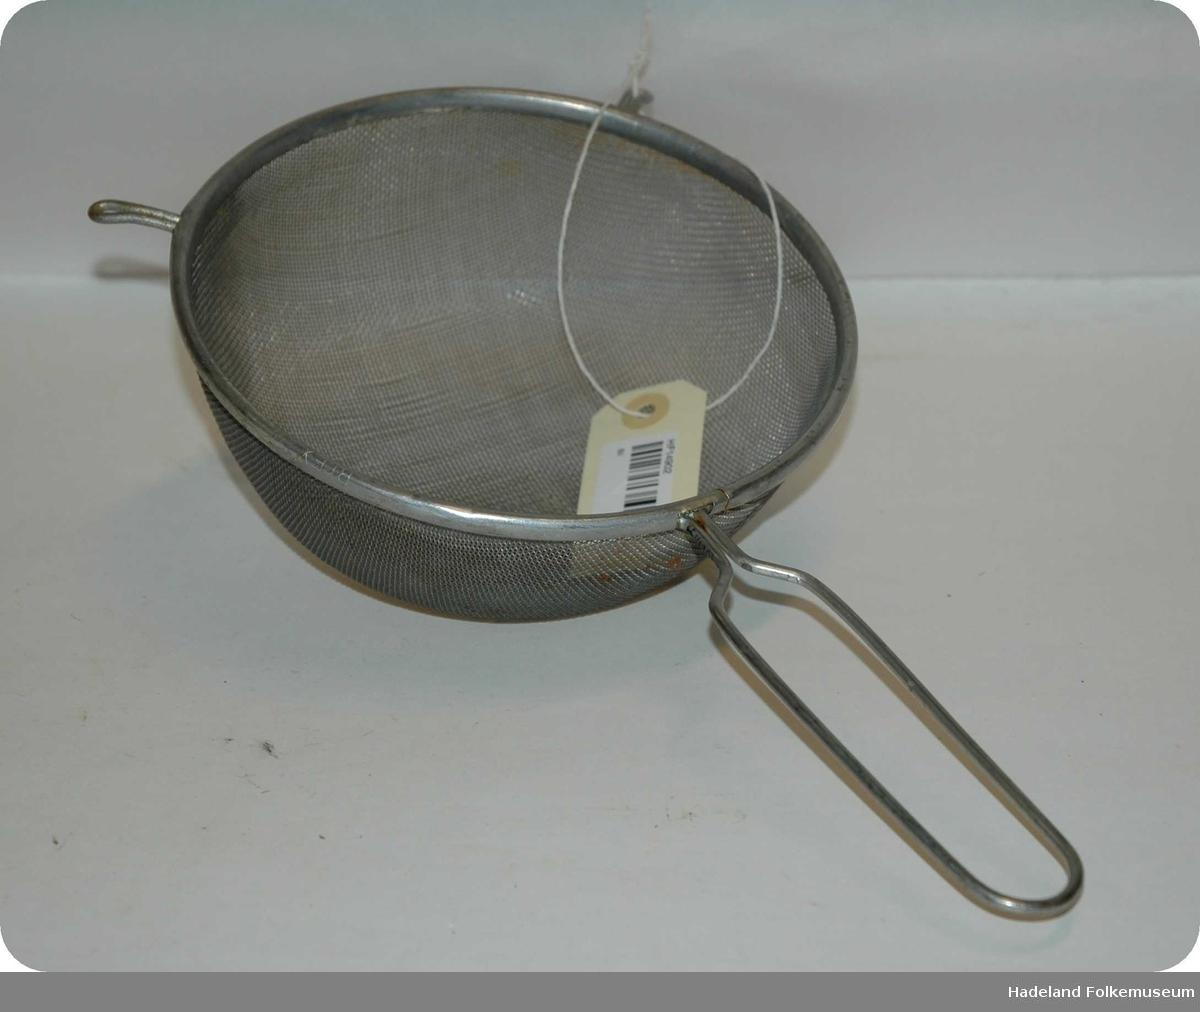 Silen er rund med metalltråder som danner mønster som tett netting. Metallkant rundt silen med håndtak av rund metalltråd formet som et rektangel med buet ende. På kanten av silen er to kroker / ører slik at silen kan ligge på kanten av kjele eller bolle.